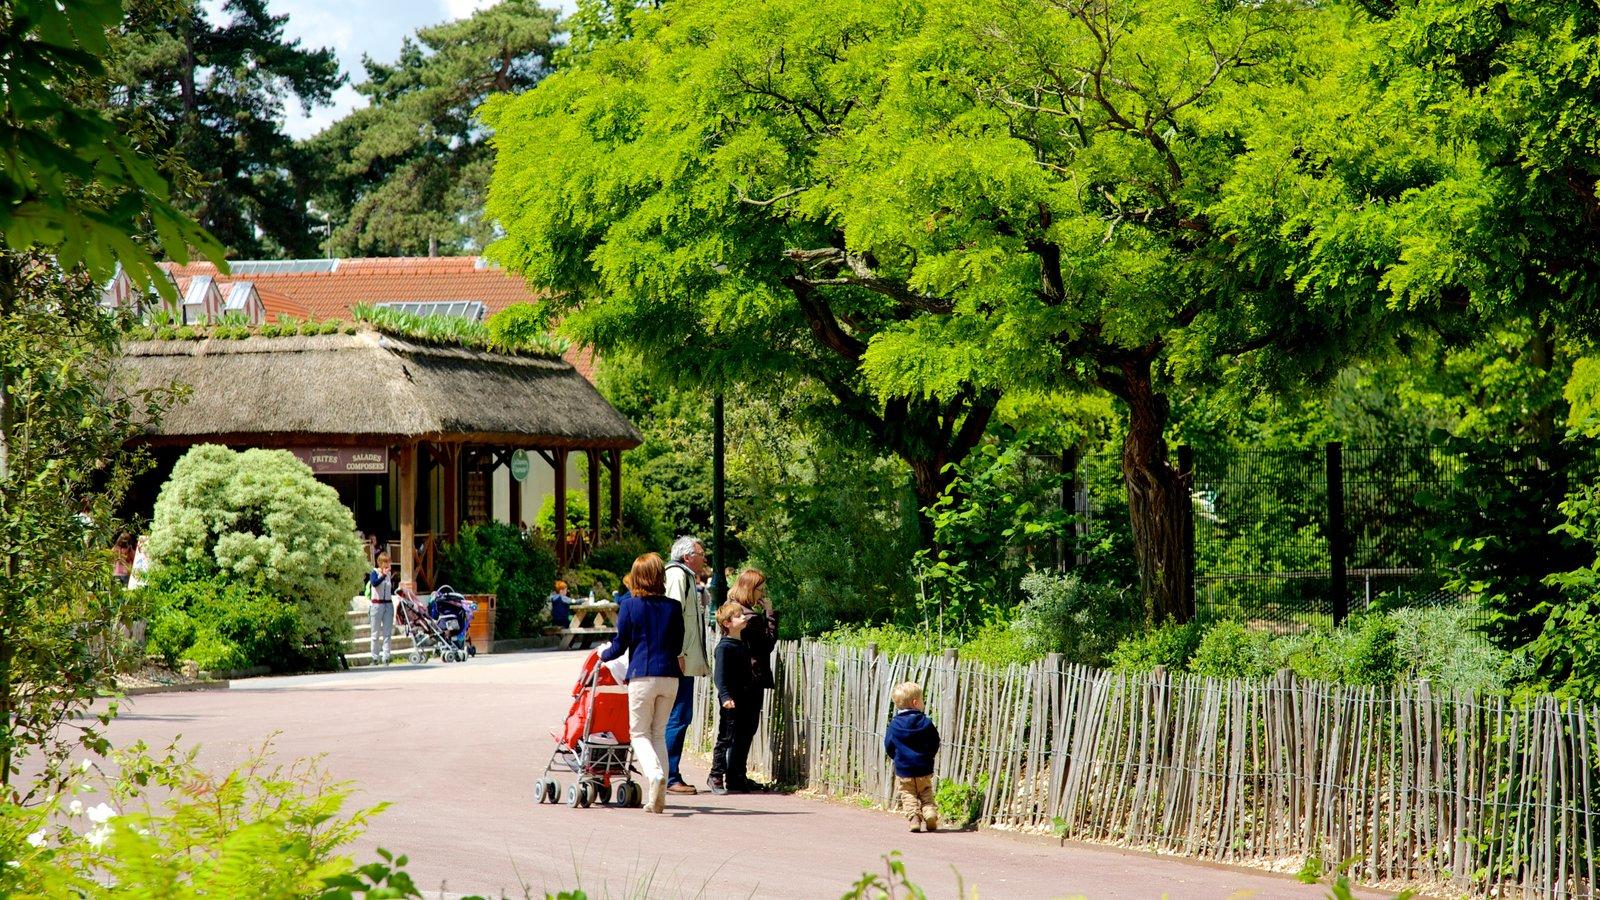 Jardin d 39 acclimatation pictures view photos images of - Pavillon des oiseaux jardin d acclimatation ...